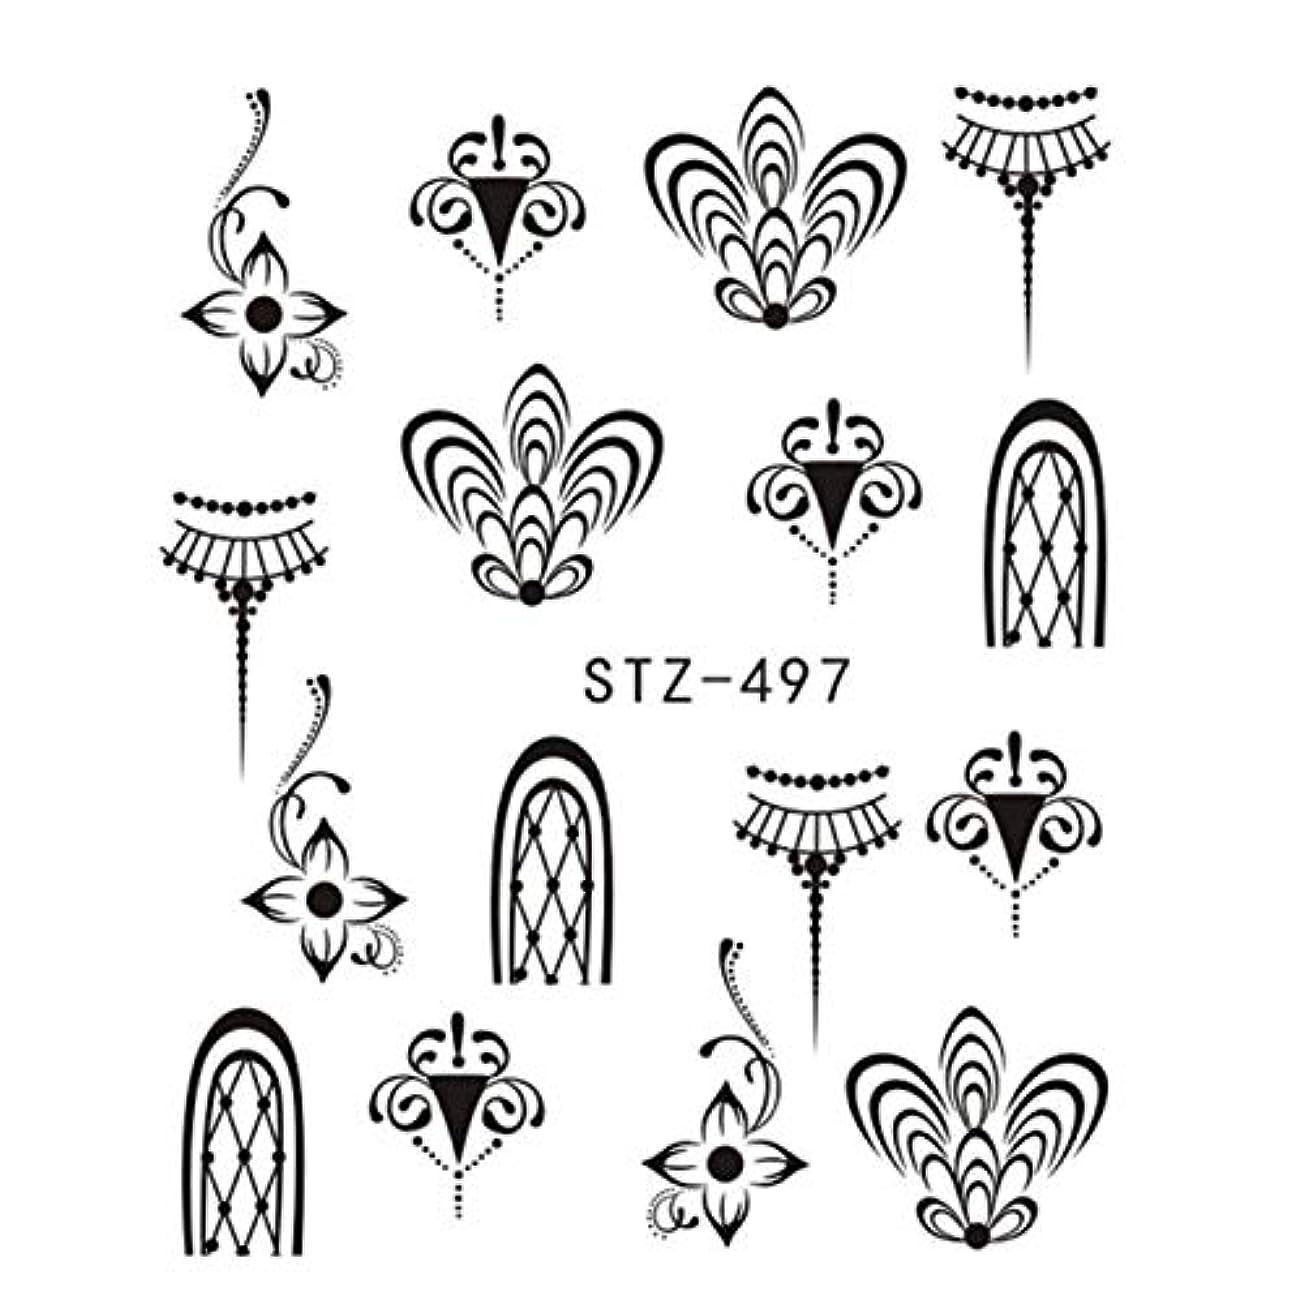 フラフープ危険解放するサリーの店 パステルデザインパターン新しい芸術芸術装飾芸術装飾芸術(None STZ497)